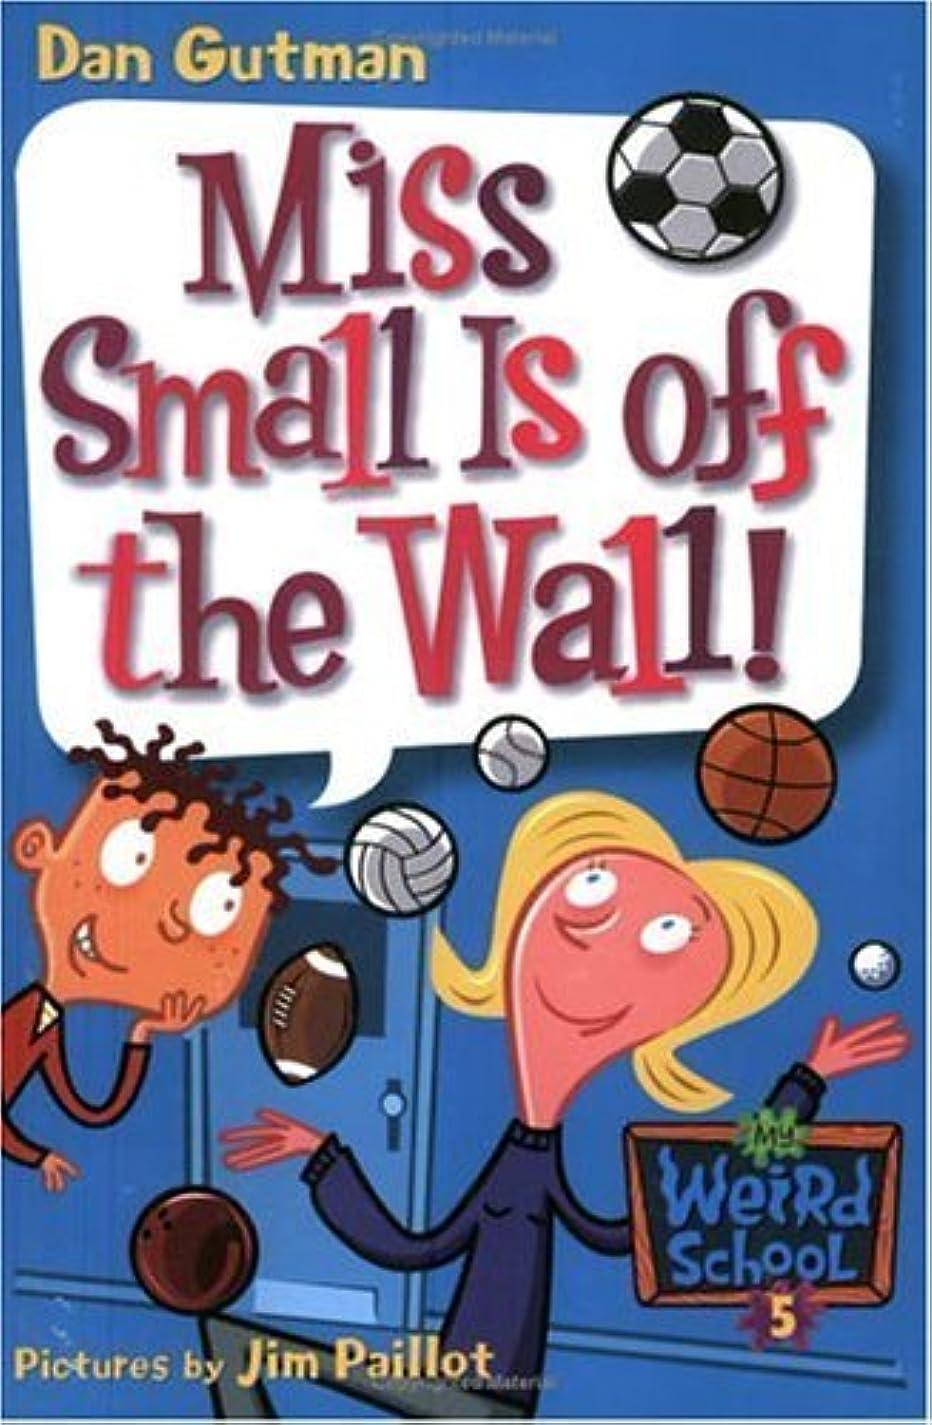 カトリック教徒昇る文庫本My Weird School #5: Miss Small Is off the Wall! (My Weird School series) (English Edition)